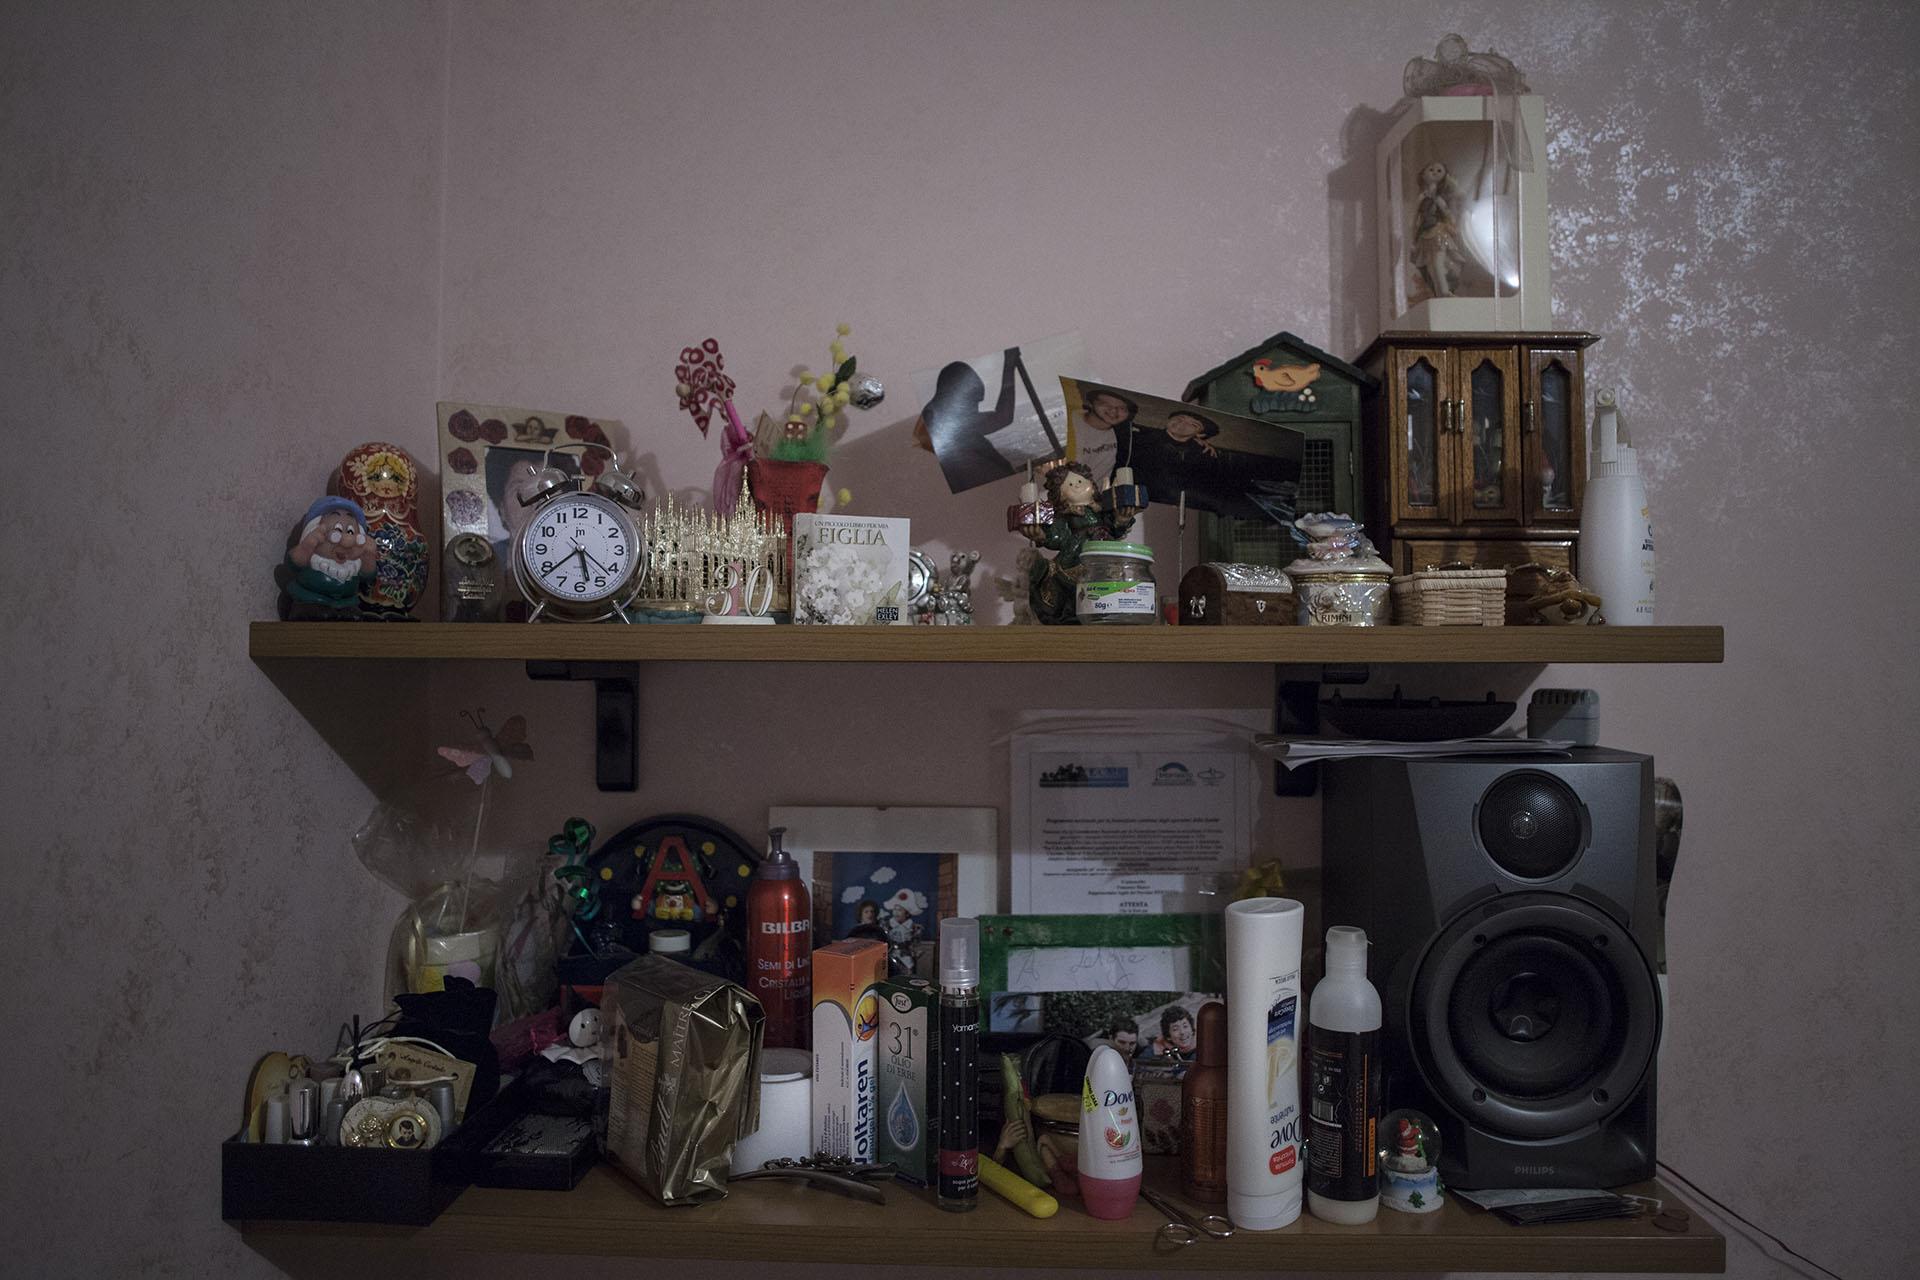 Letizia-Story-of-unseen-lives_ph_Danilo Garcia Di Meo_04